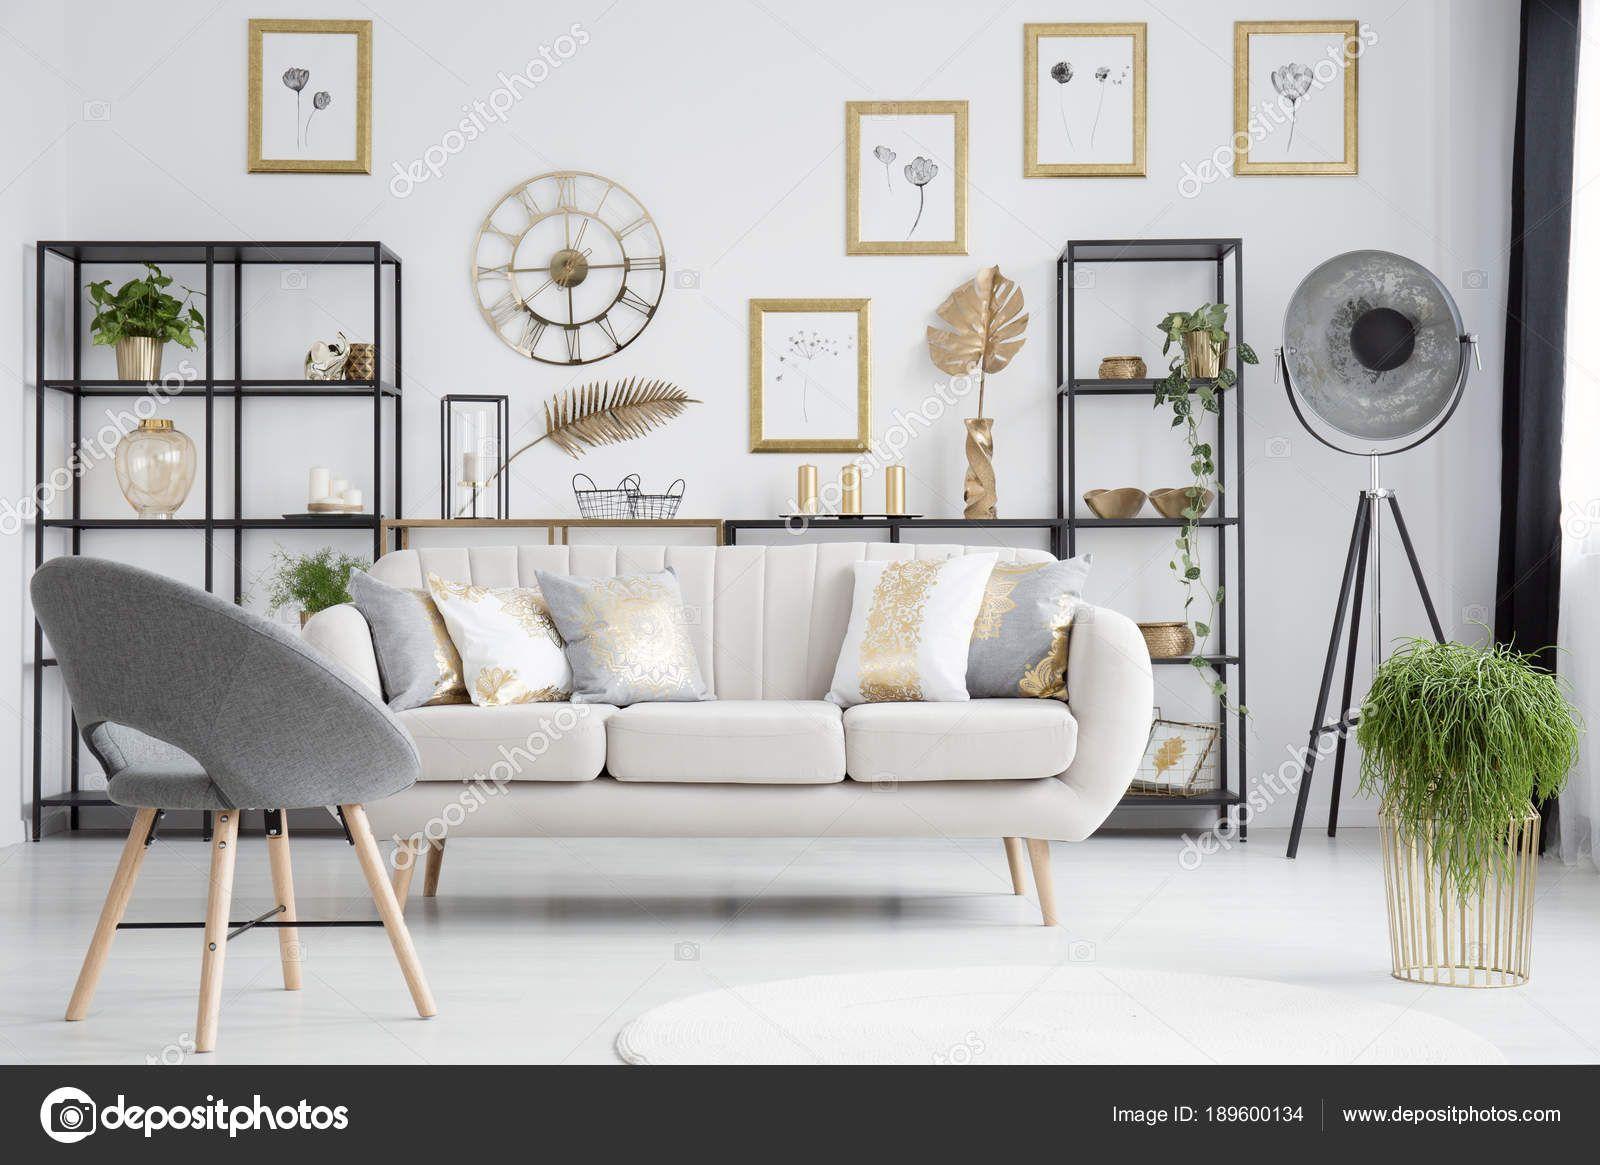 Posters In Interieur : Inspiration wednesday posters voor aan de muur furnlovers